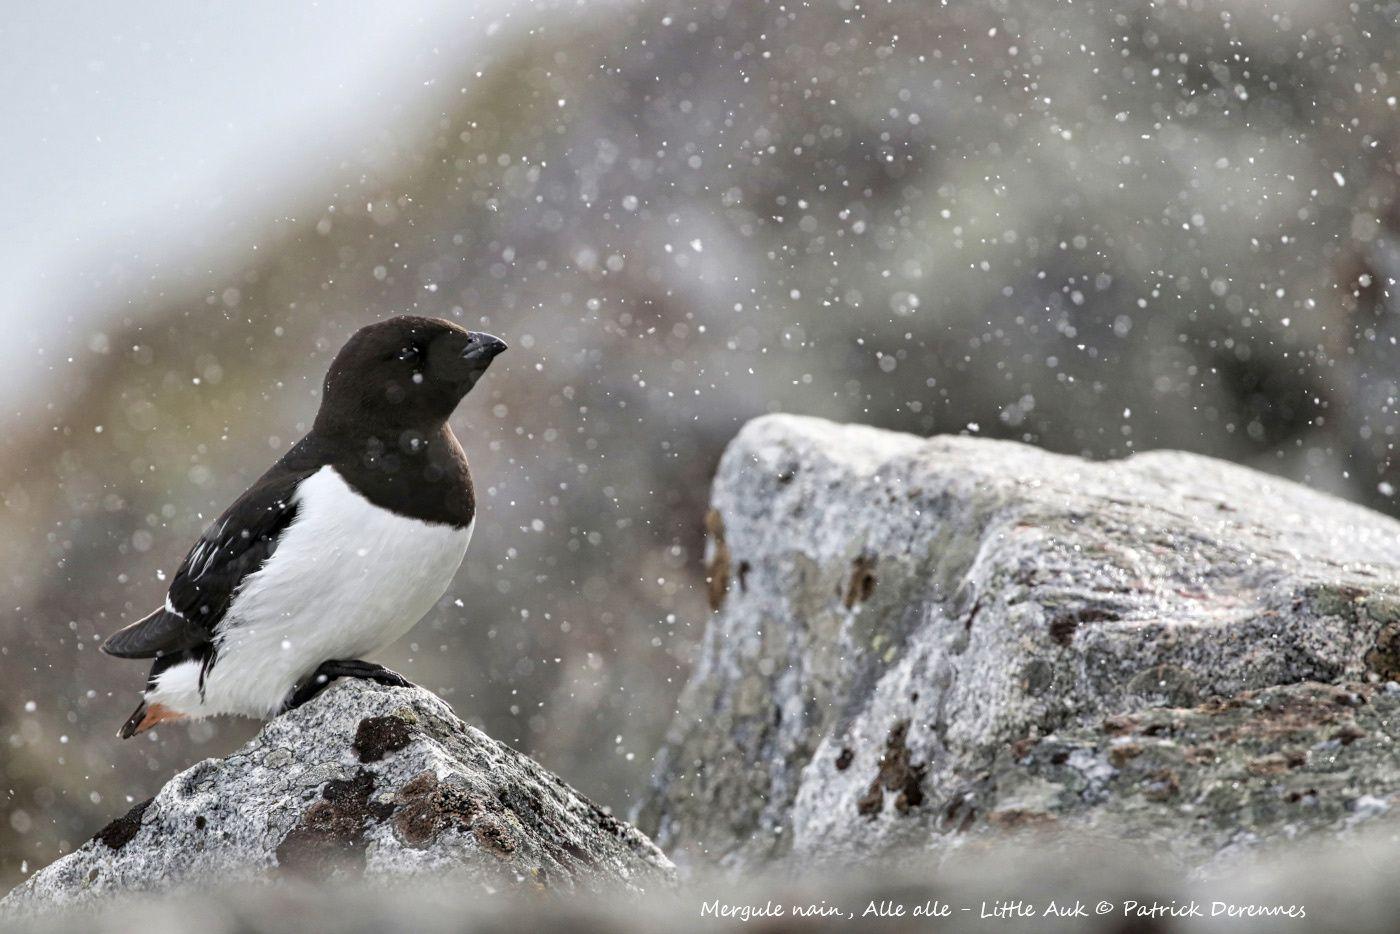 Spitzberg - dernier envoi du site de nidification du Mergule nain